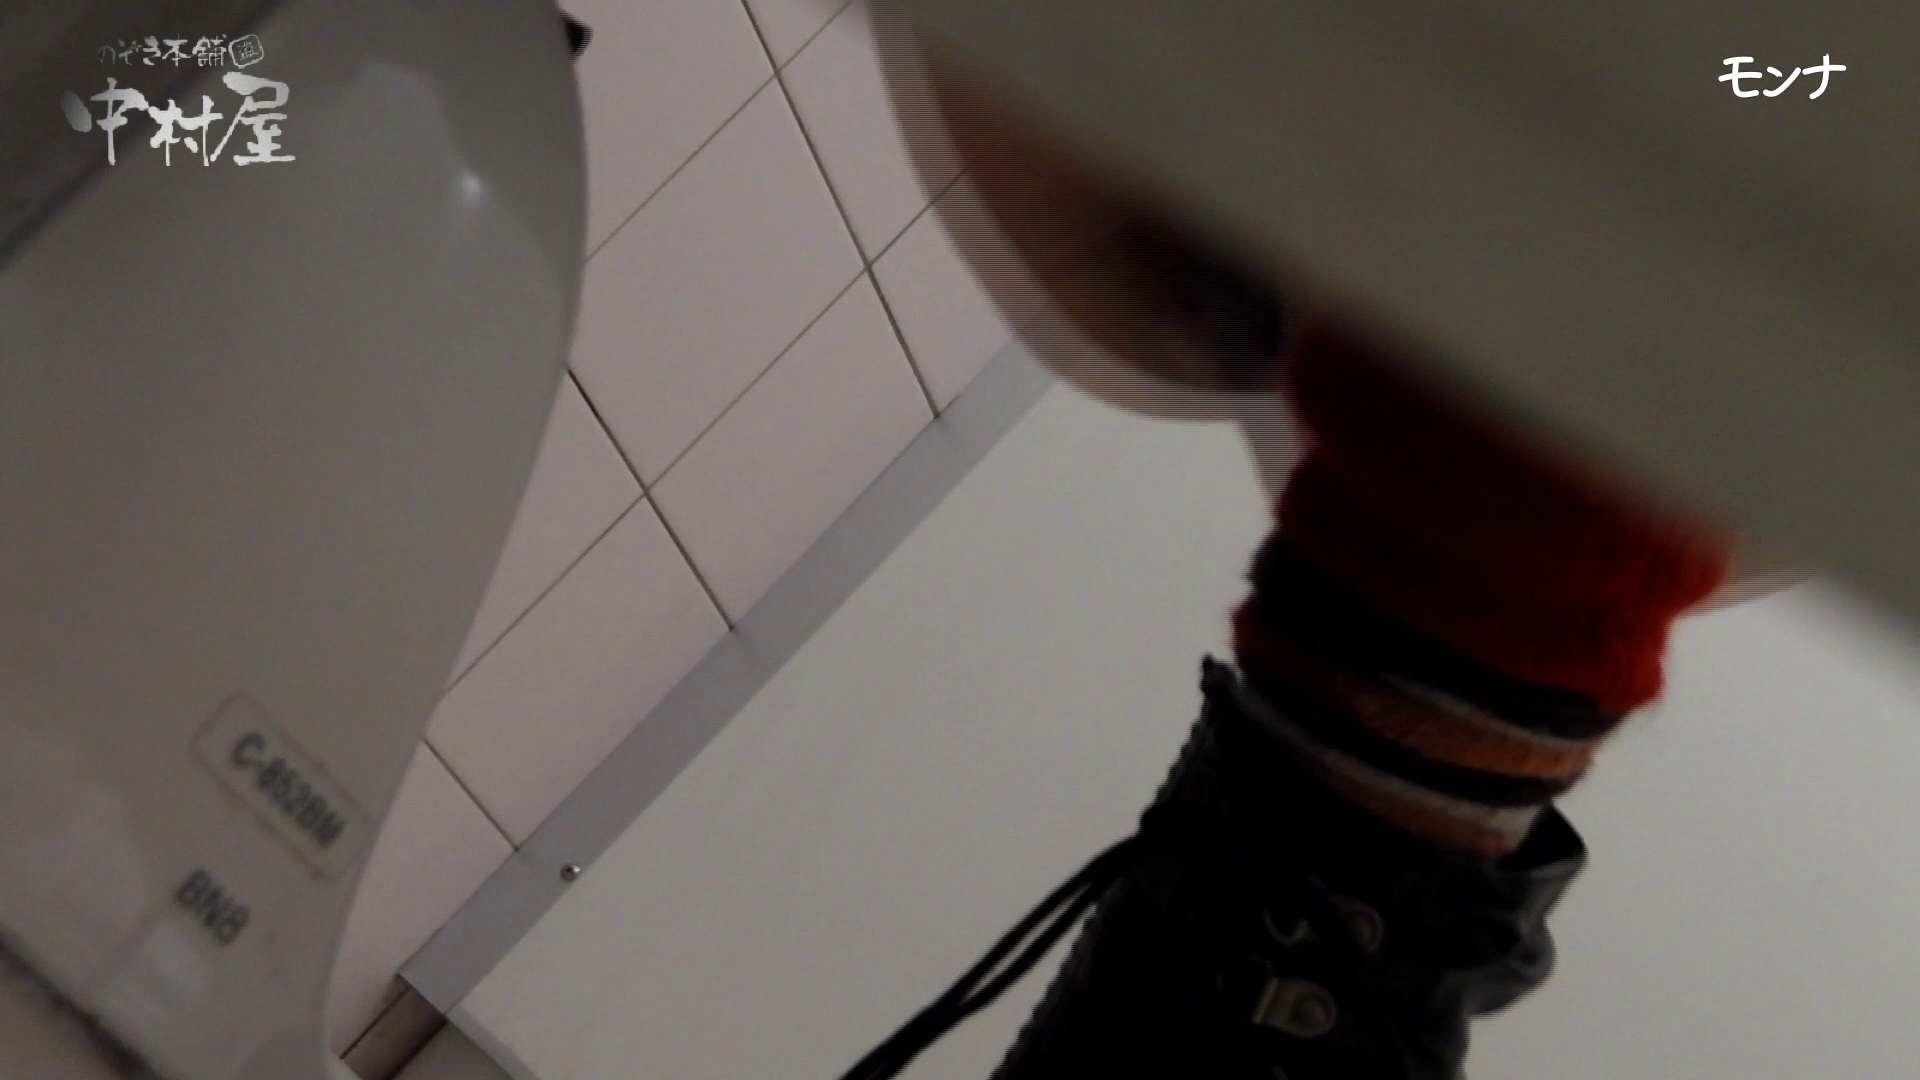 美しい日本の未来 No.46 この年齢しかない絶景が最後に!!特別価格で提供 前編 盗撮 オマンコ動画キャプチャ 34連発 17